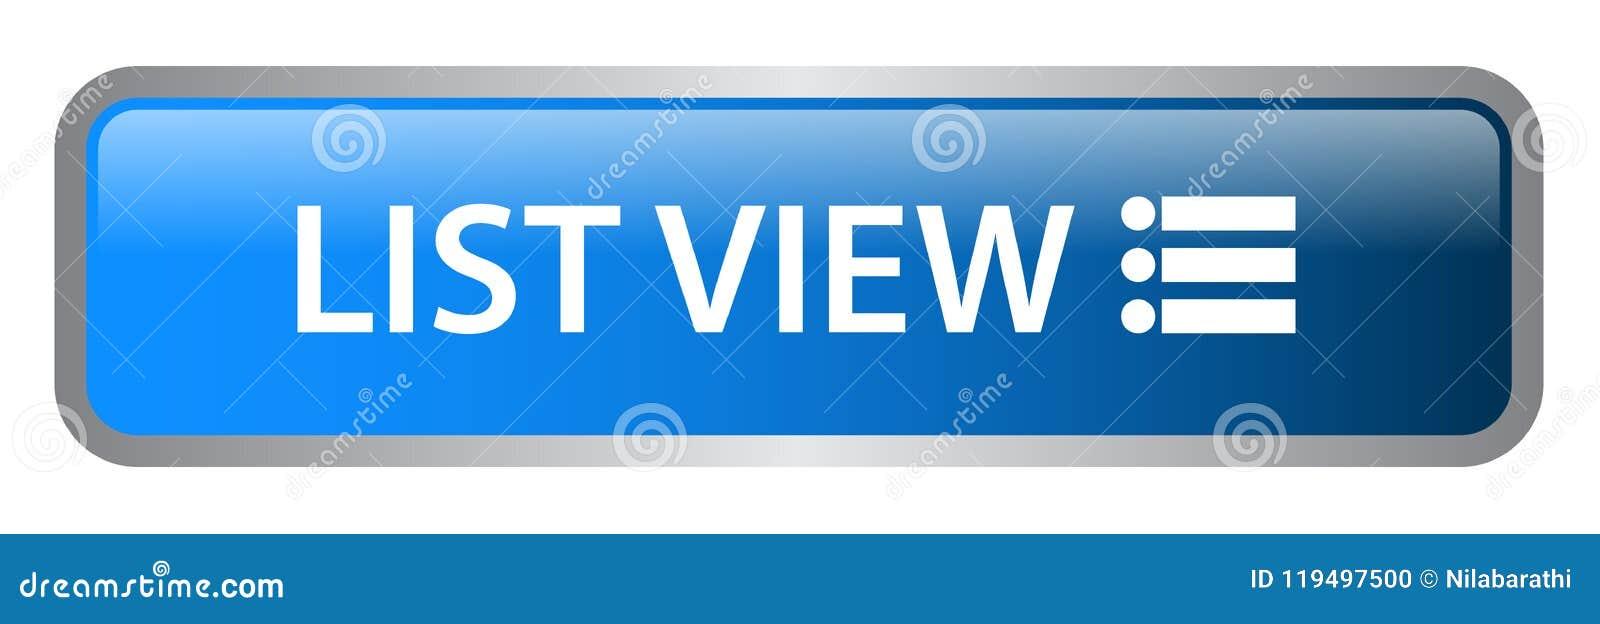 List view web button